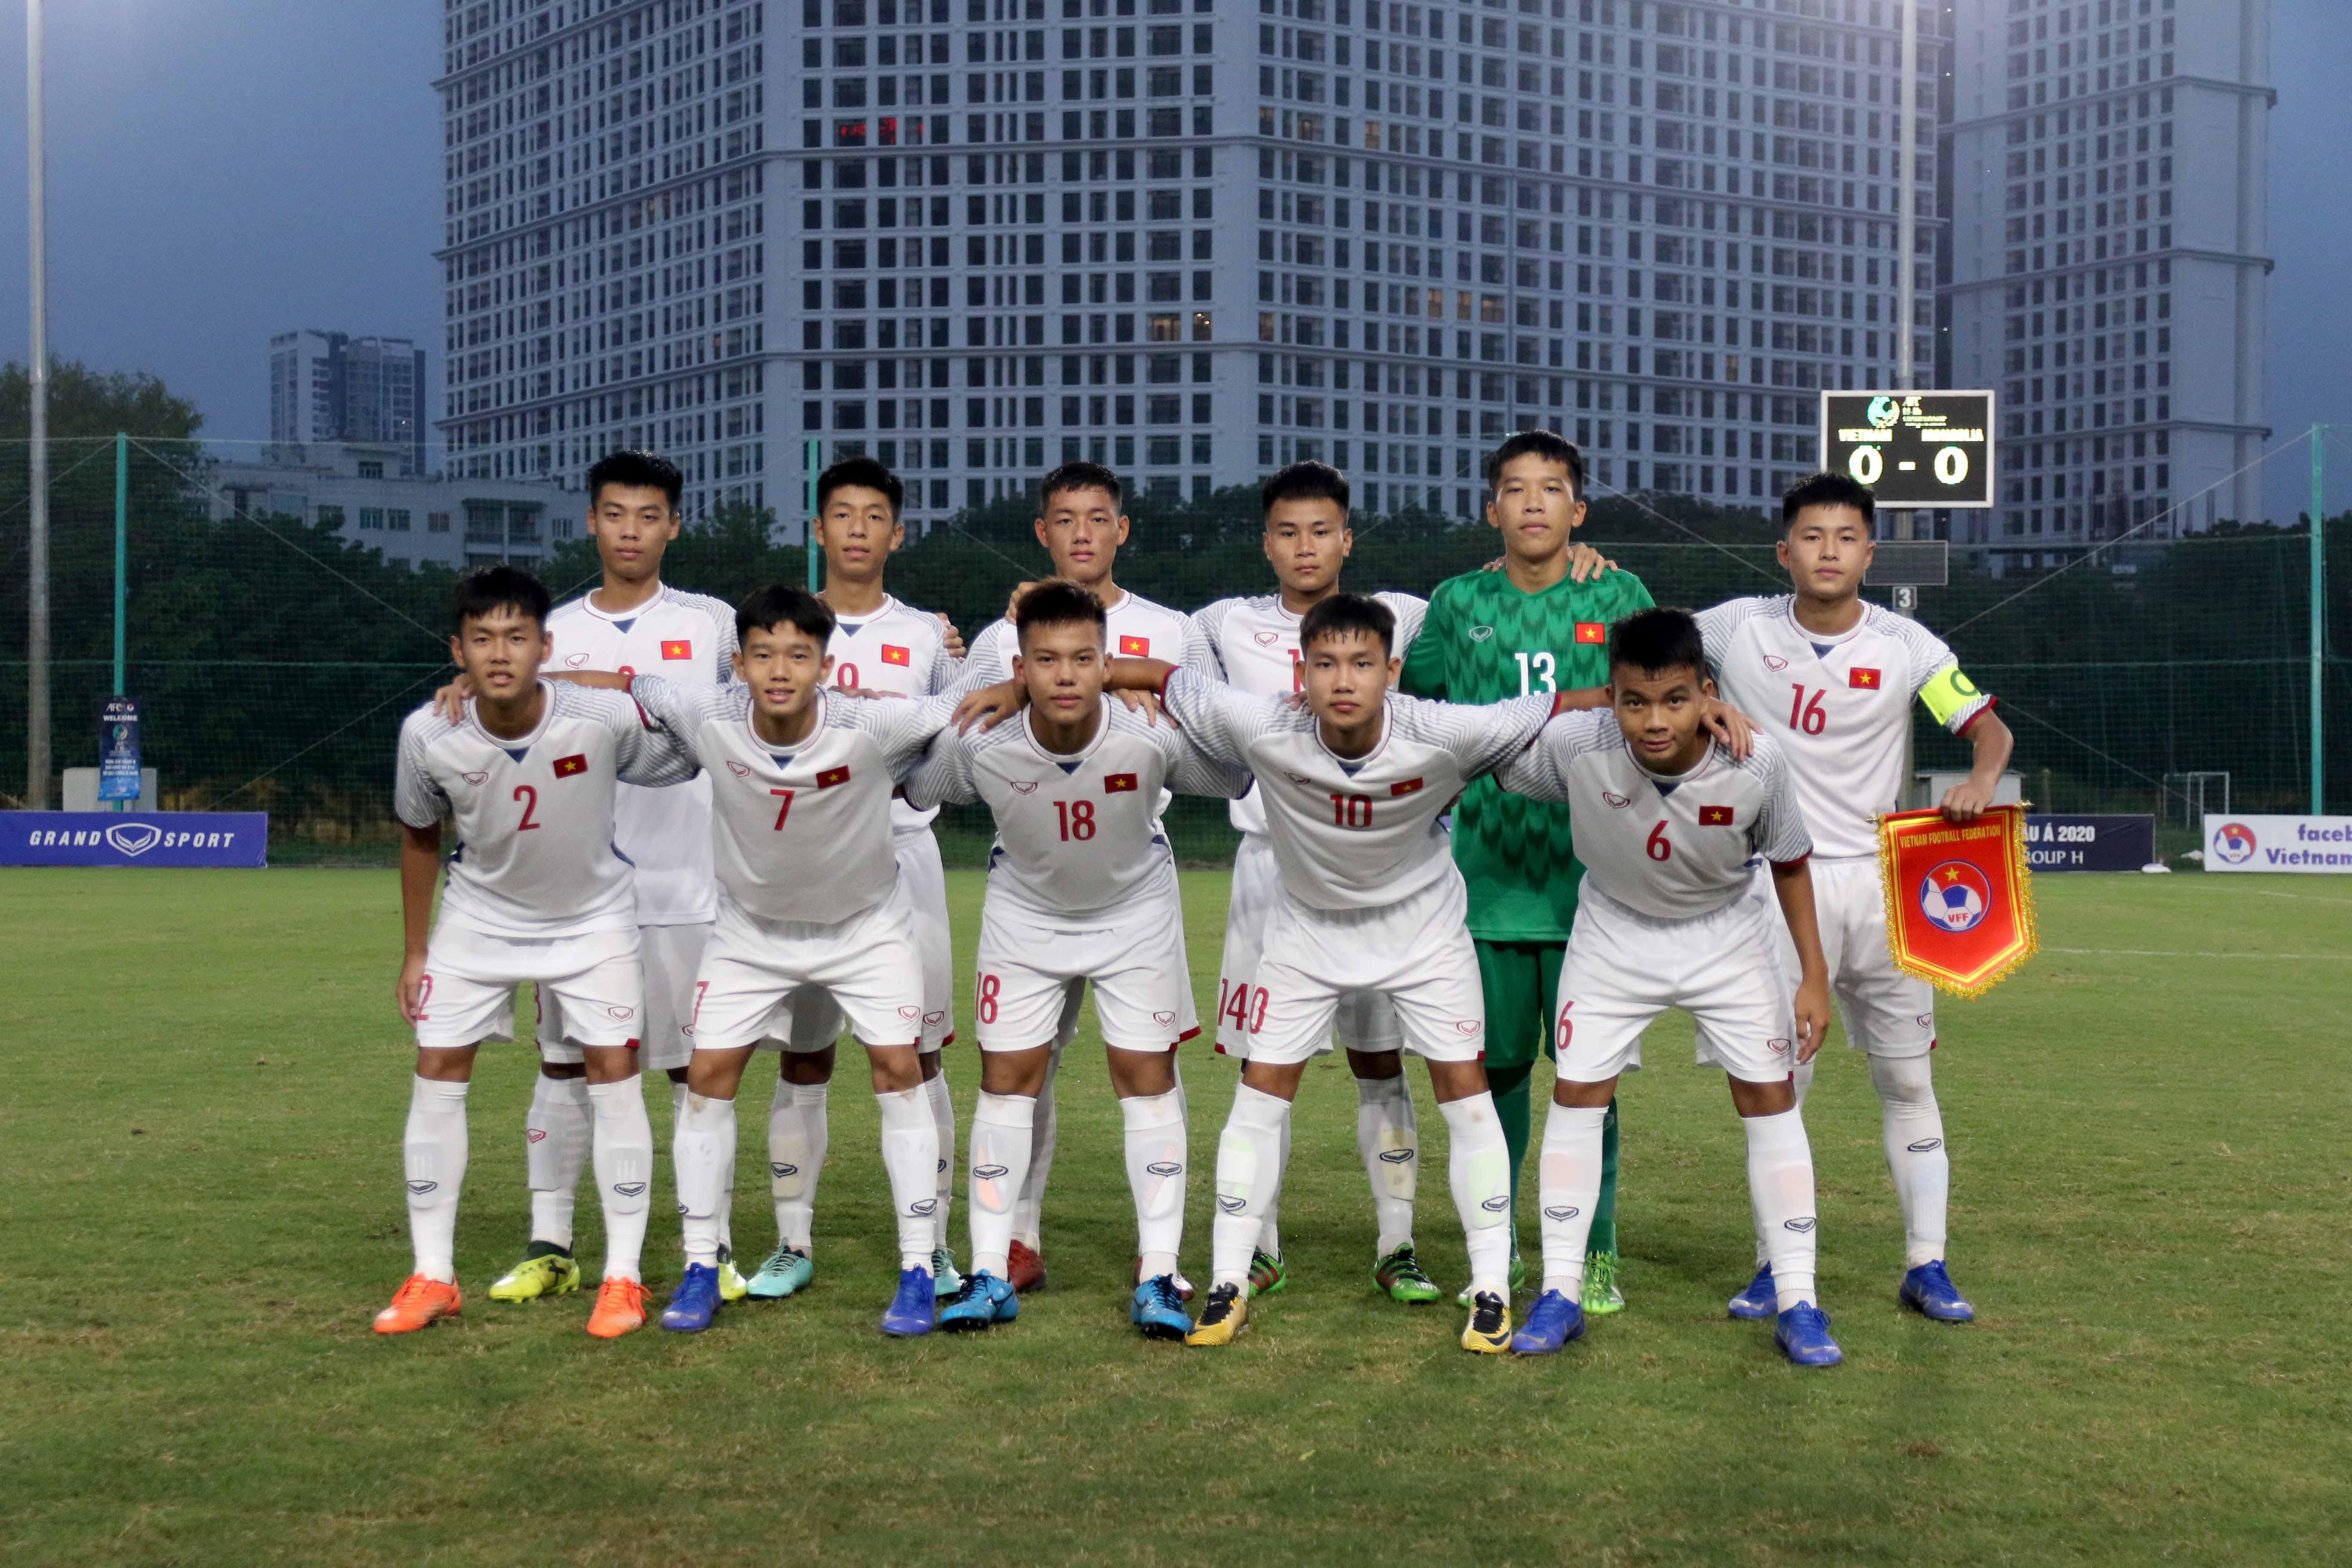 Chùm ảnh trận đấu giữa đội tuyển U16 Việt Nam - U16 Mongolia tại vòng loại U16 Châu Á 2020 (Bảng H)